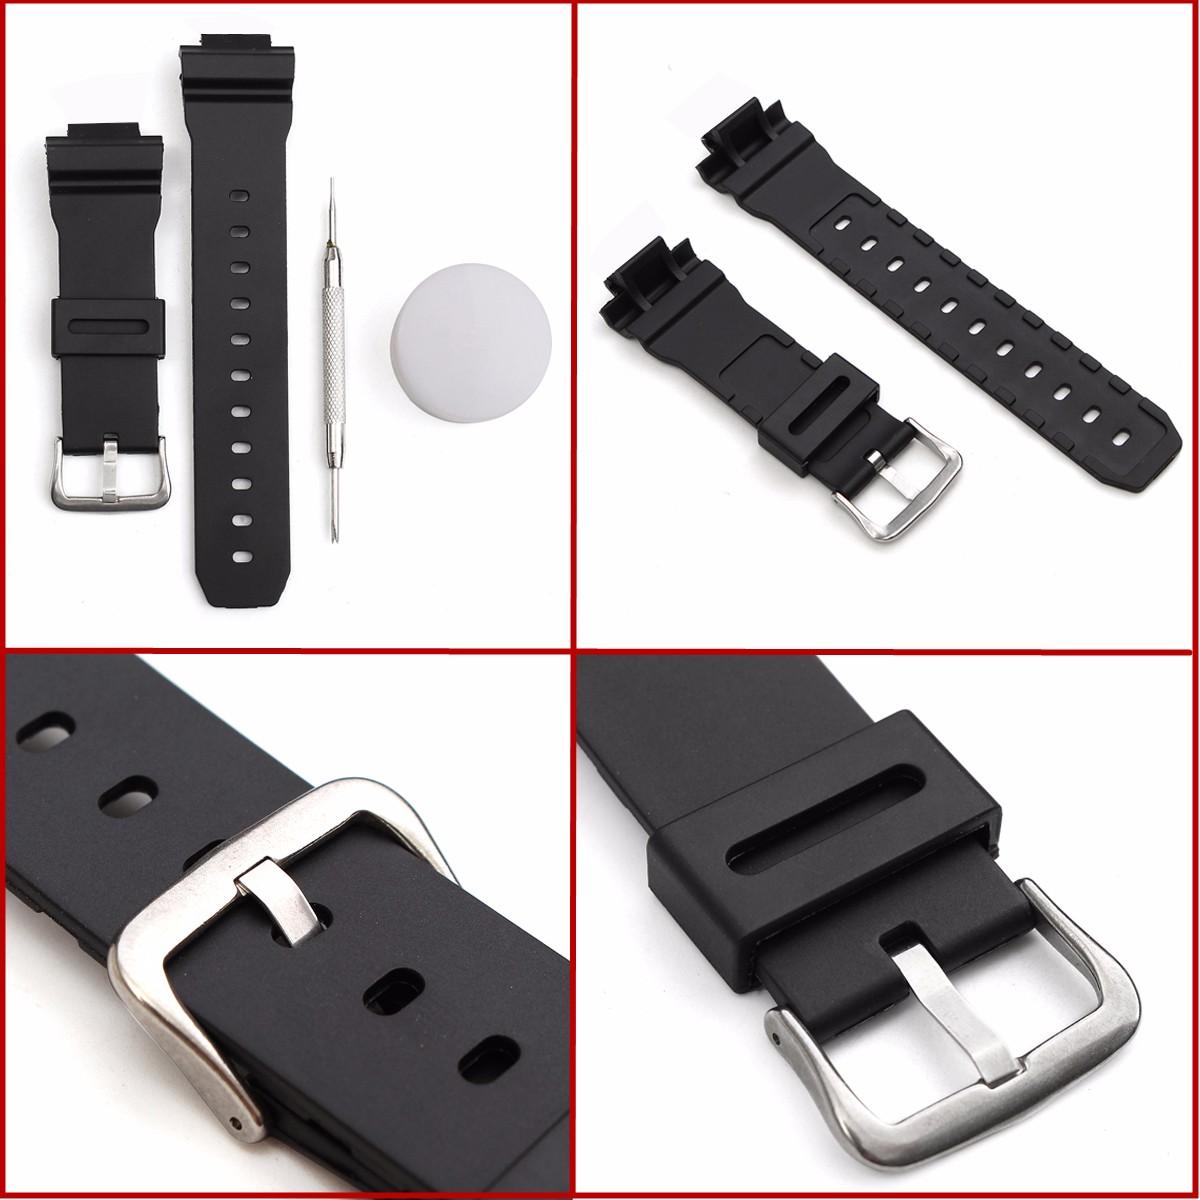 Умные часы Сменный ремешок J3 для часов Casio G Shock DW-6900 с иголкой и шпильками (Фото 2)